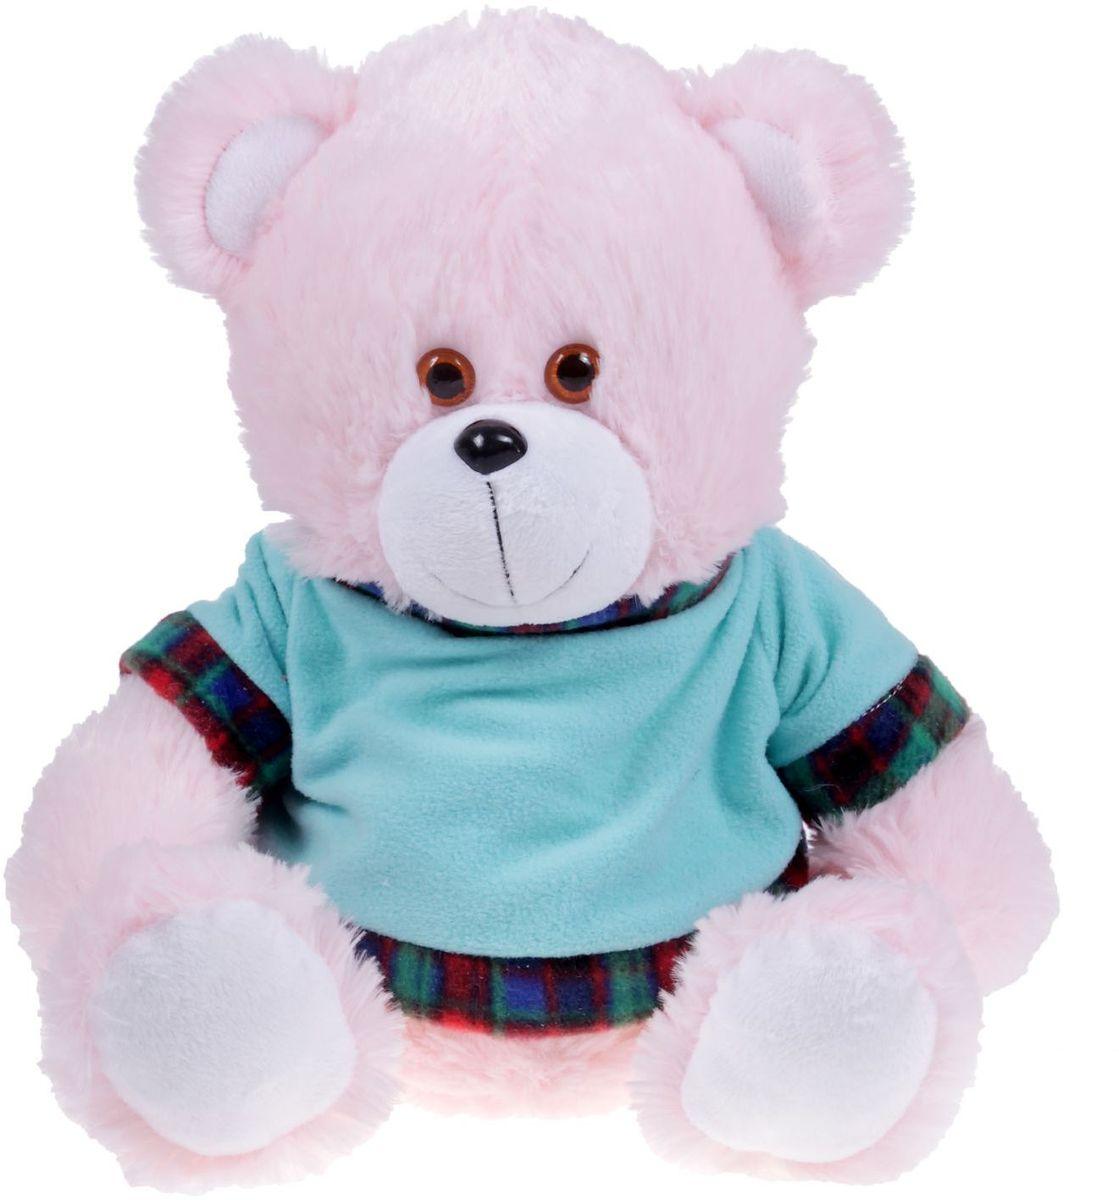 Купить Нижегородская игрушка Мягкая игрушка Медведь в футболке 621499, Сима-ленд, Мягкие игрушки